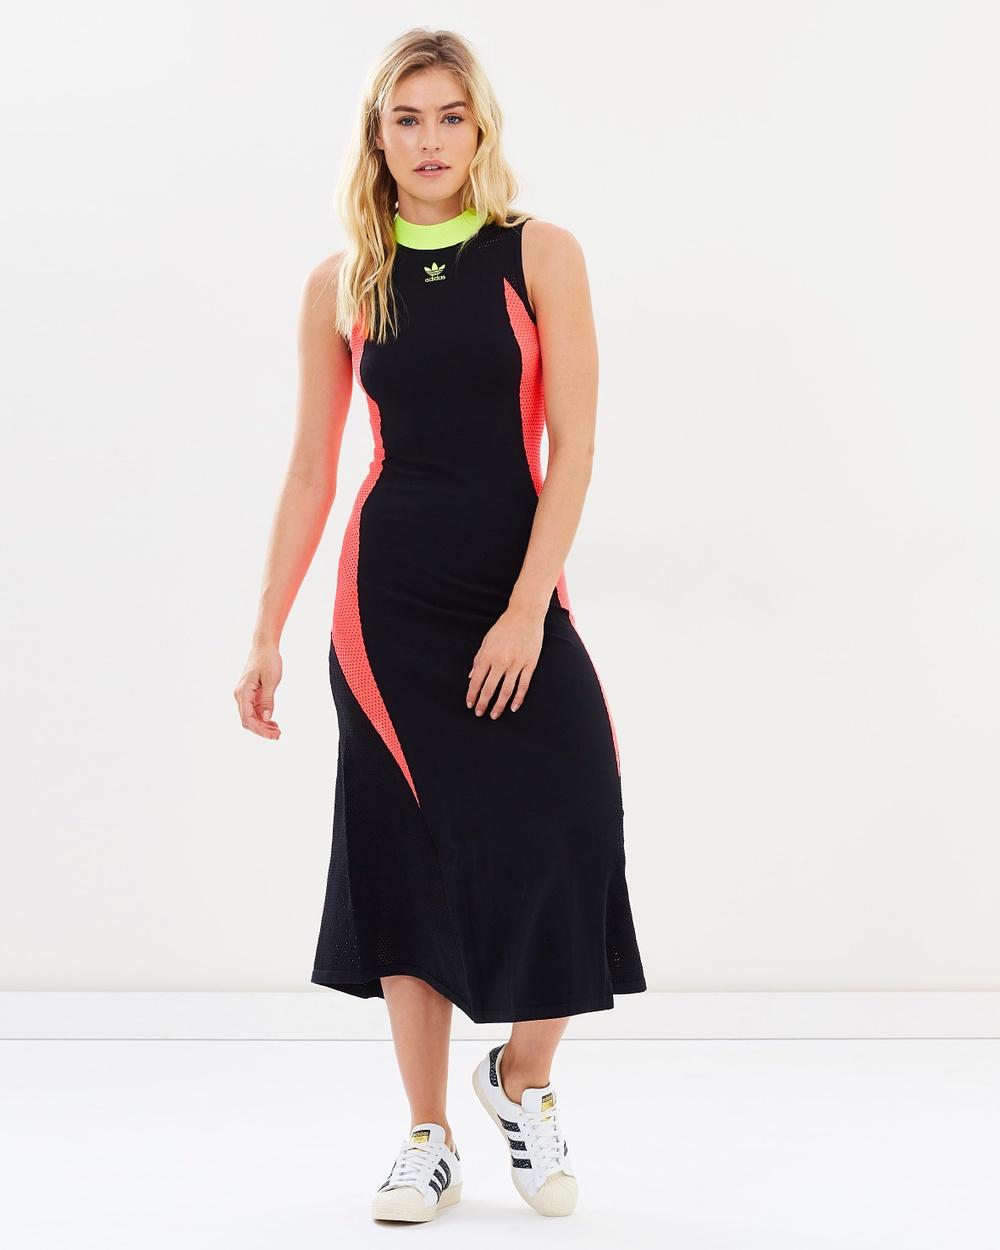 adidas Originals AA 42 Knit Dress Dresses Black & Flash Red AA-42 Knit Dress